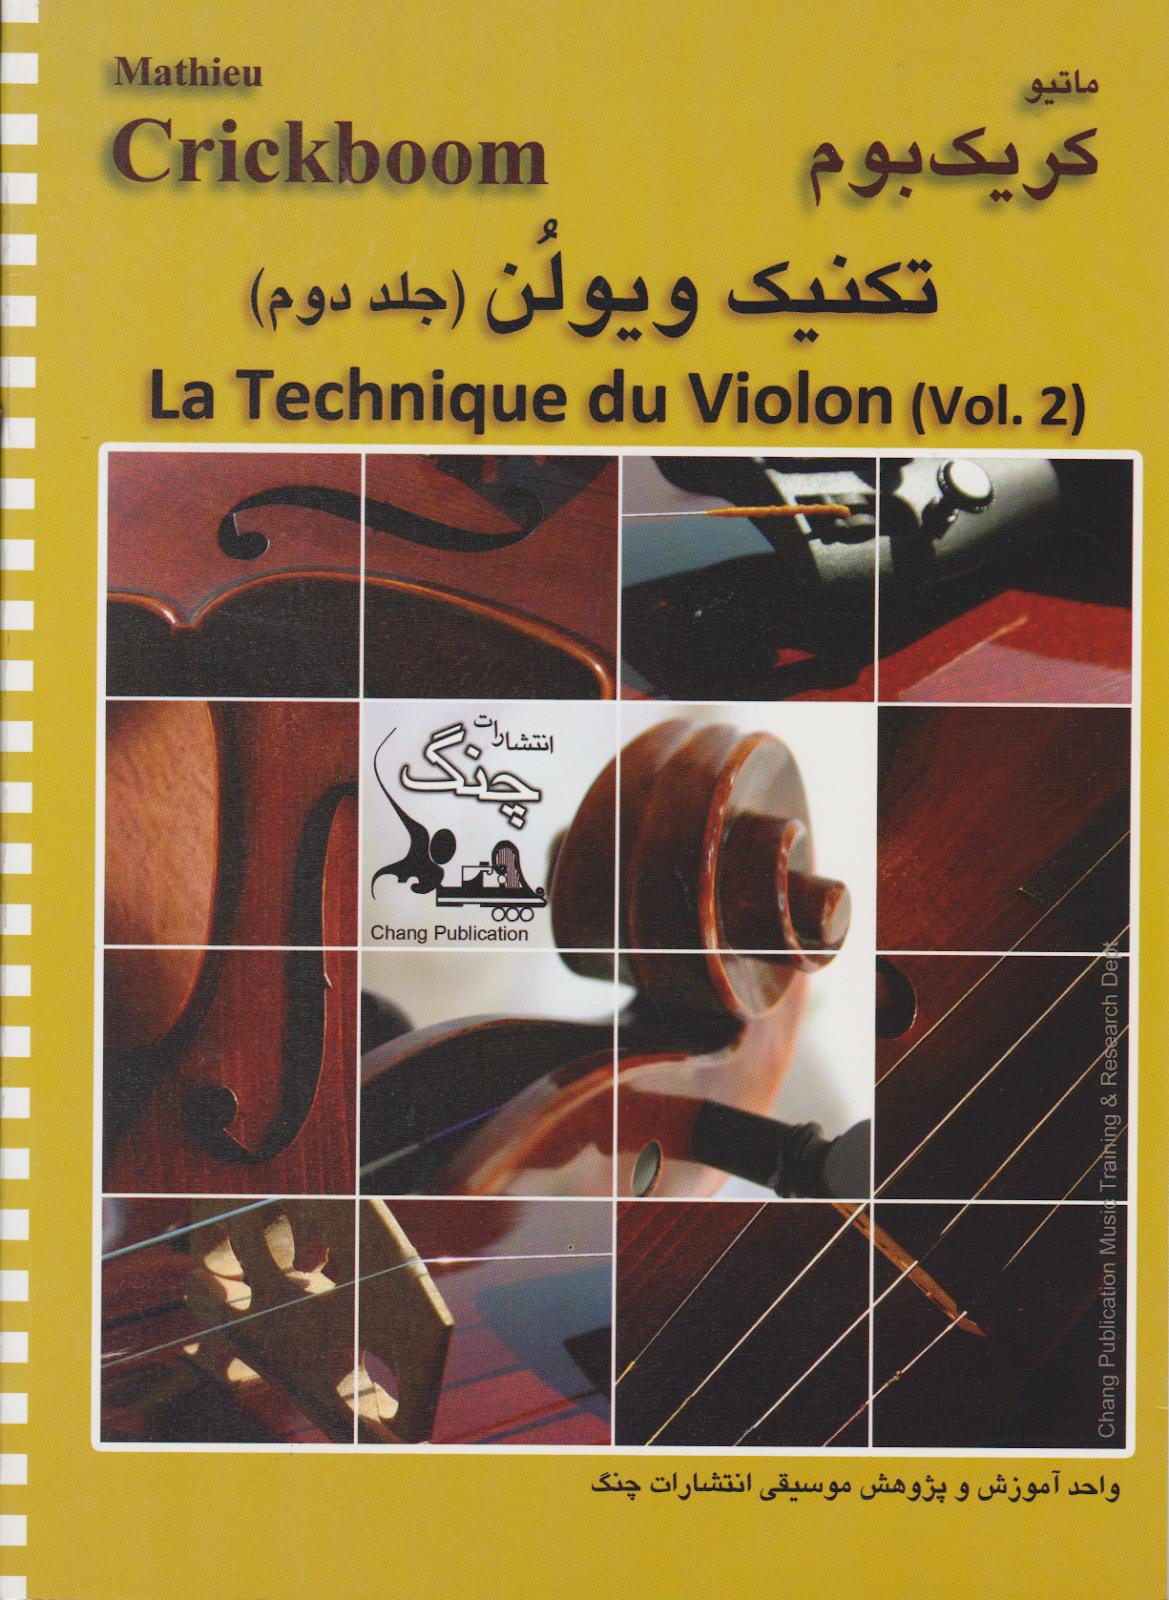 کتاب دوم تکنیک ویولن ماتیو کریکبوم انتشارات چنگ